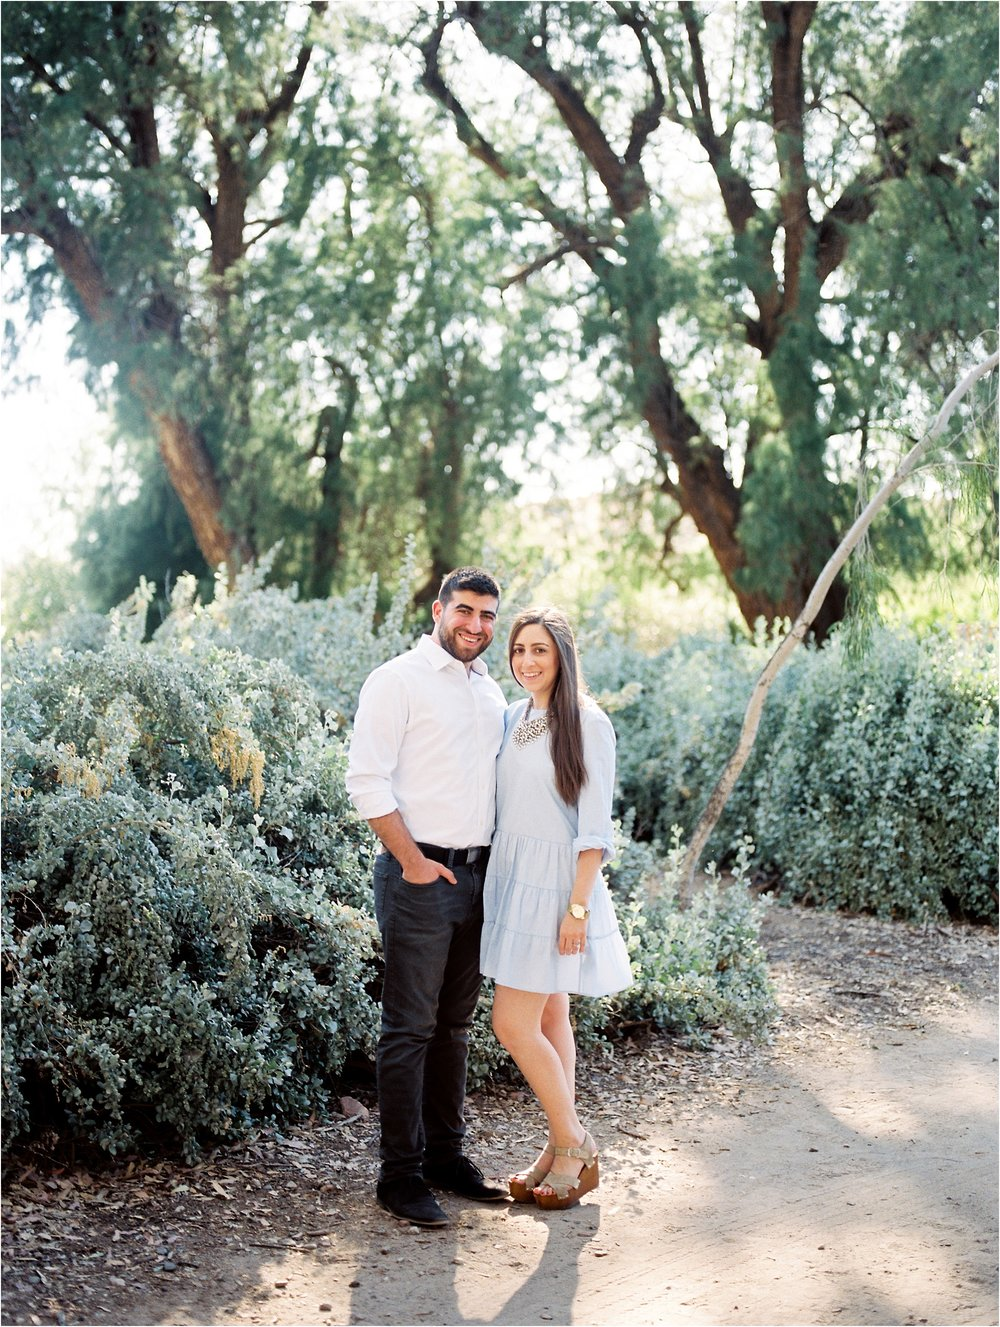 Sarah Jane Photography Film Hybrid Scottsdale Phoenix Arizona Destination Wedding Photographer Denise and Chase Engagement_0023.jpg